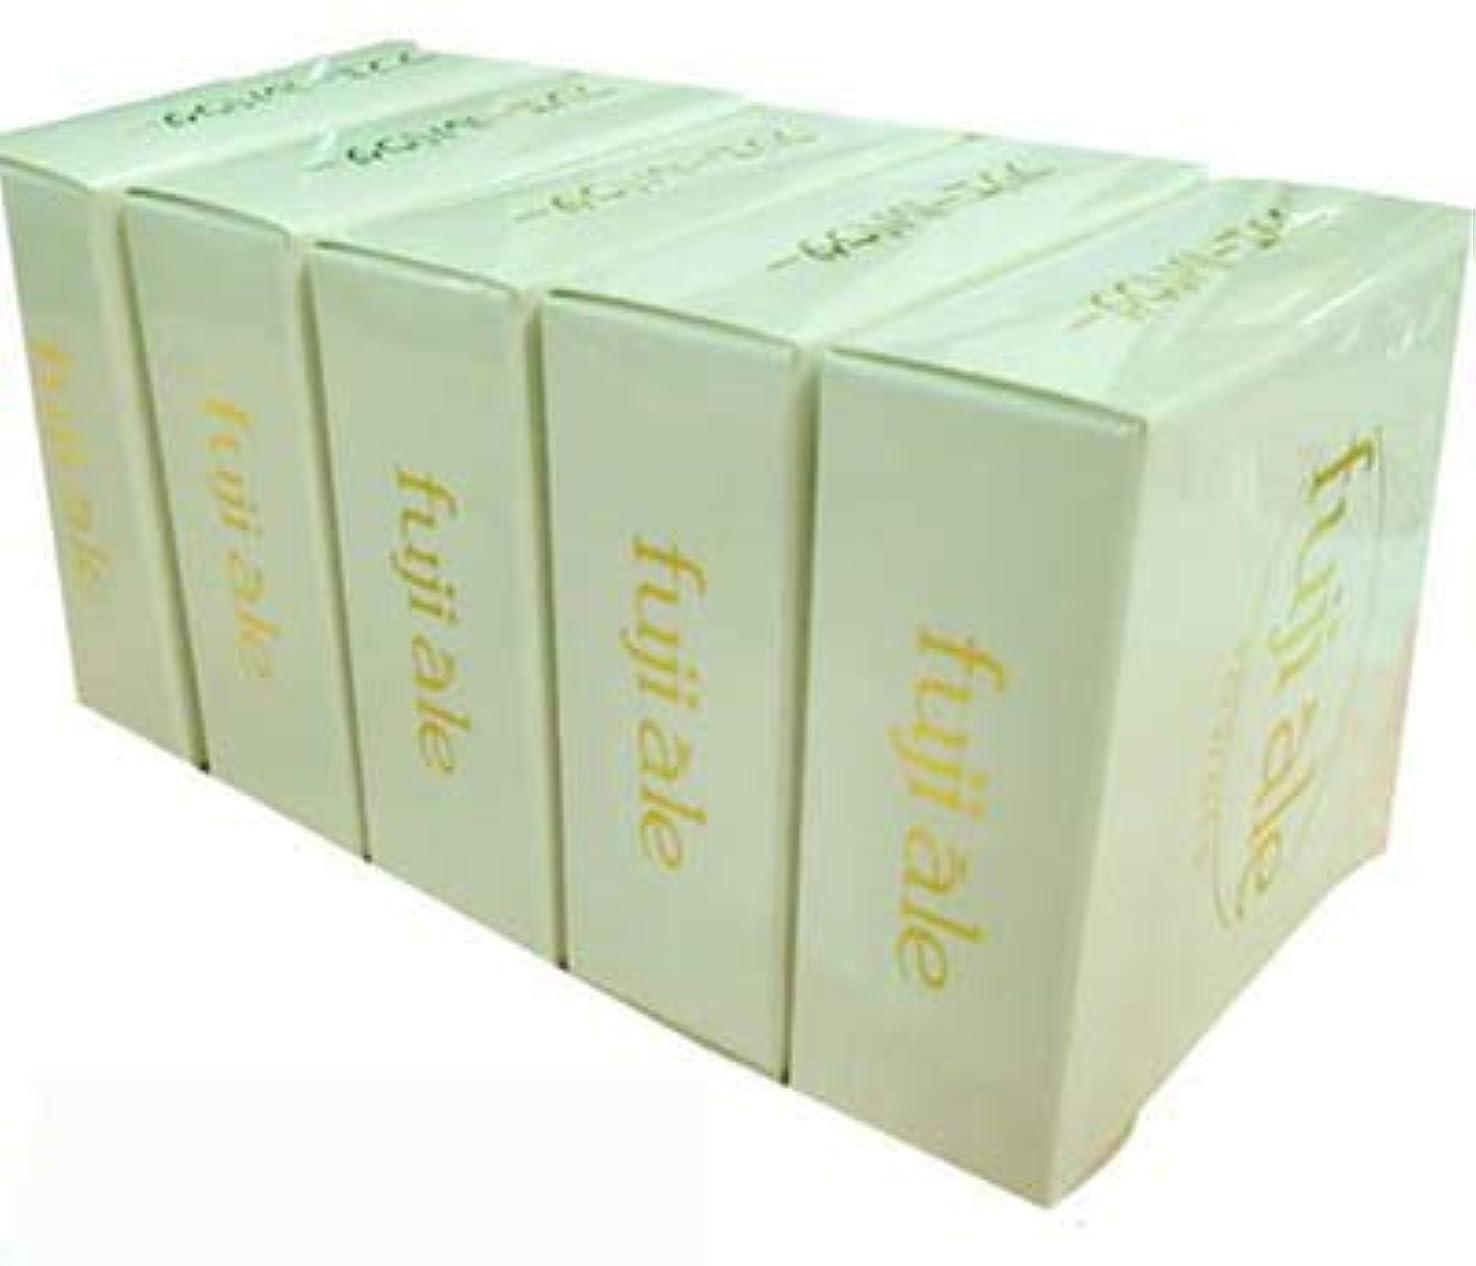 数字ブロンズ有名な薬用フジエールパウダー30g 5箱組